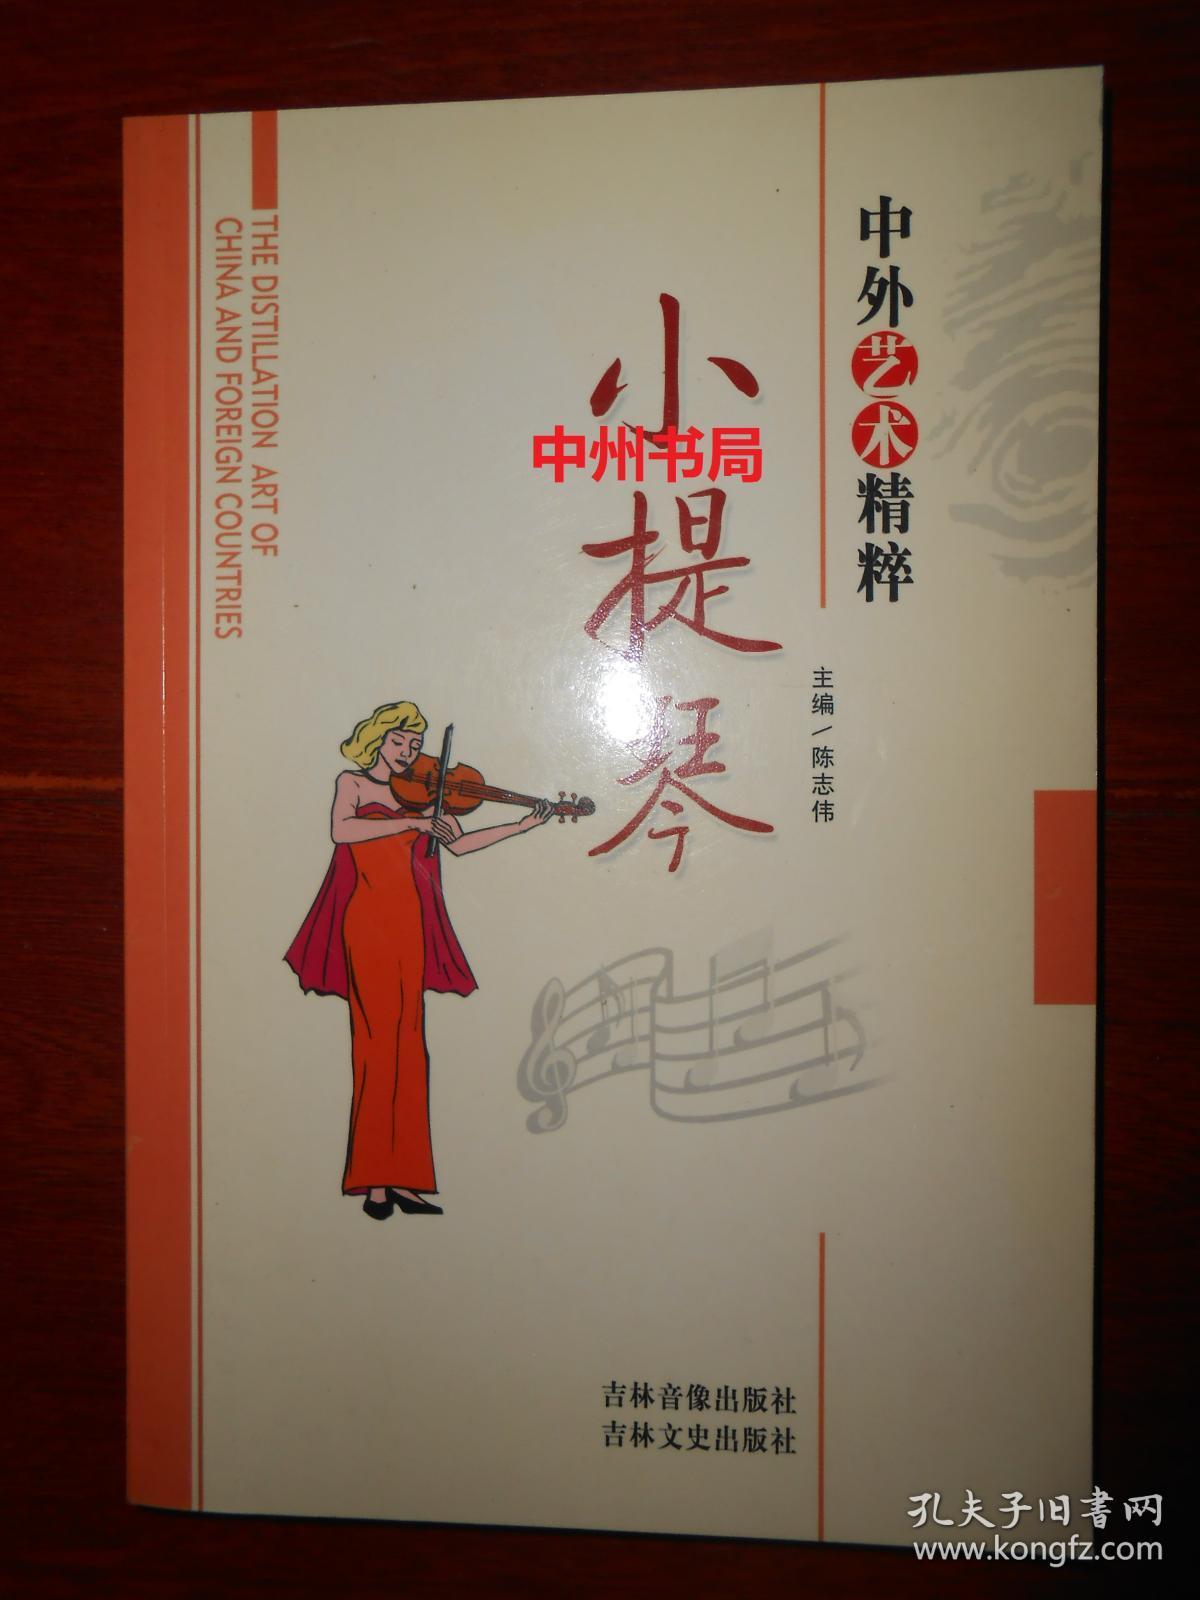 中外艺术精粹:小提琴 内有小提琴基础知识入门